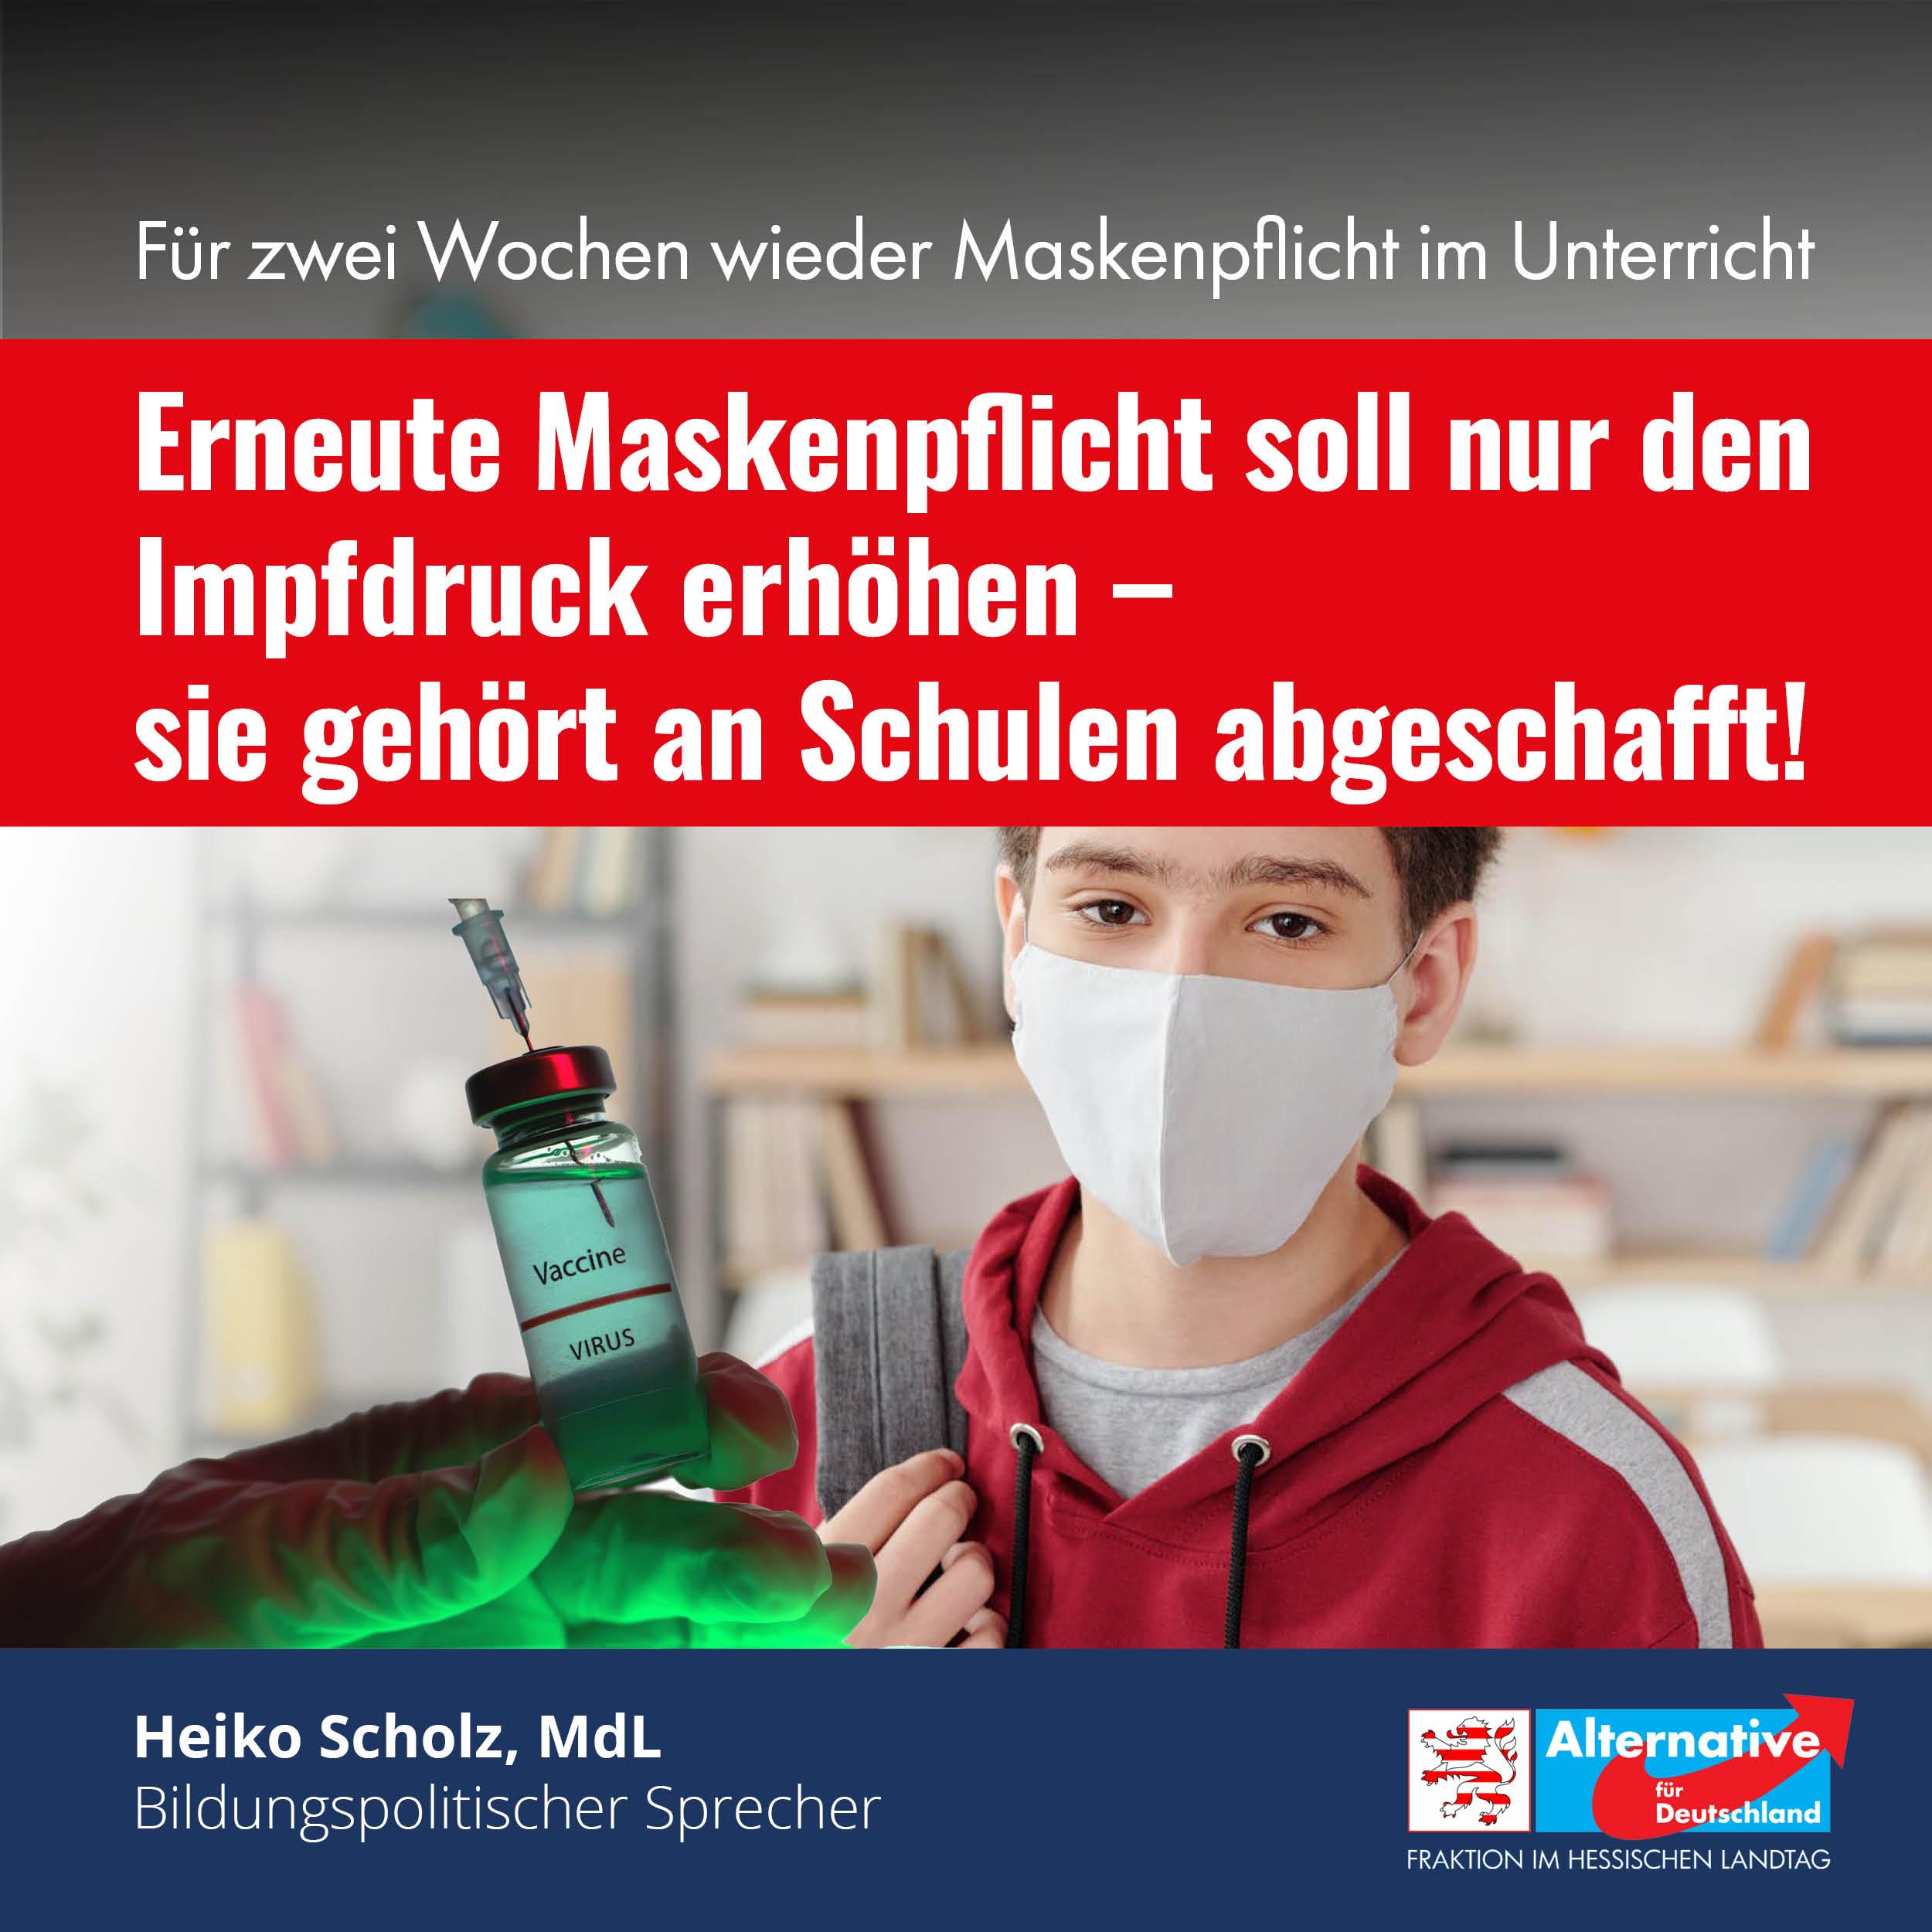 Neue Maskenpflicht an Schulen